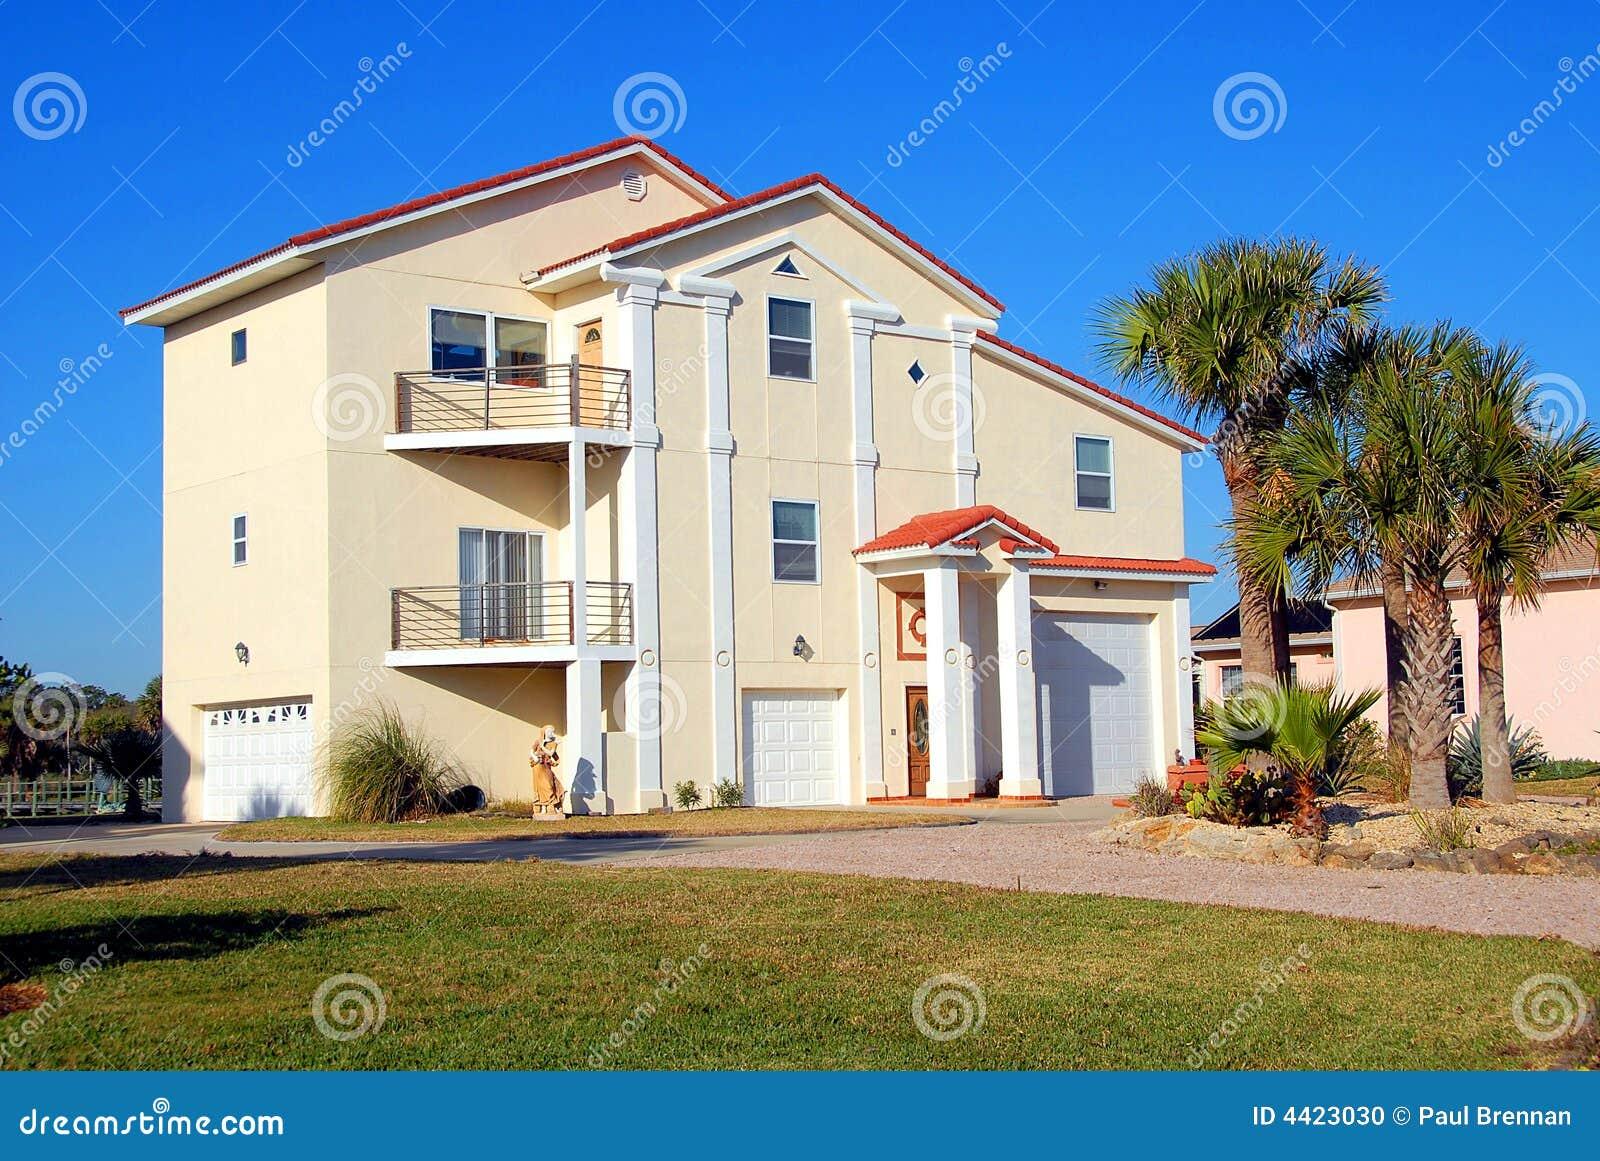 Huis voor verkoop stock foto afbeelding bestaande uit for Huis aantrekkelijk maken voor verkoop